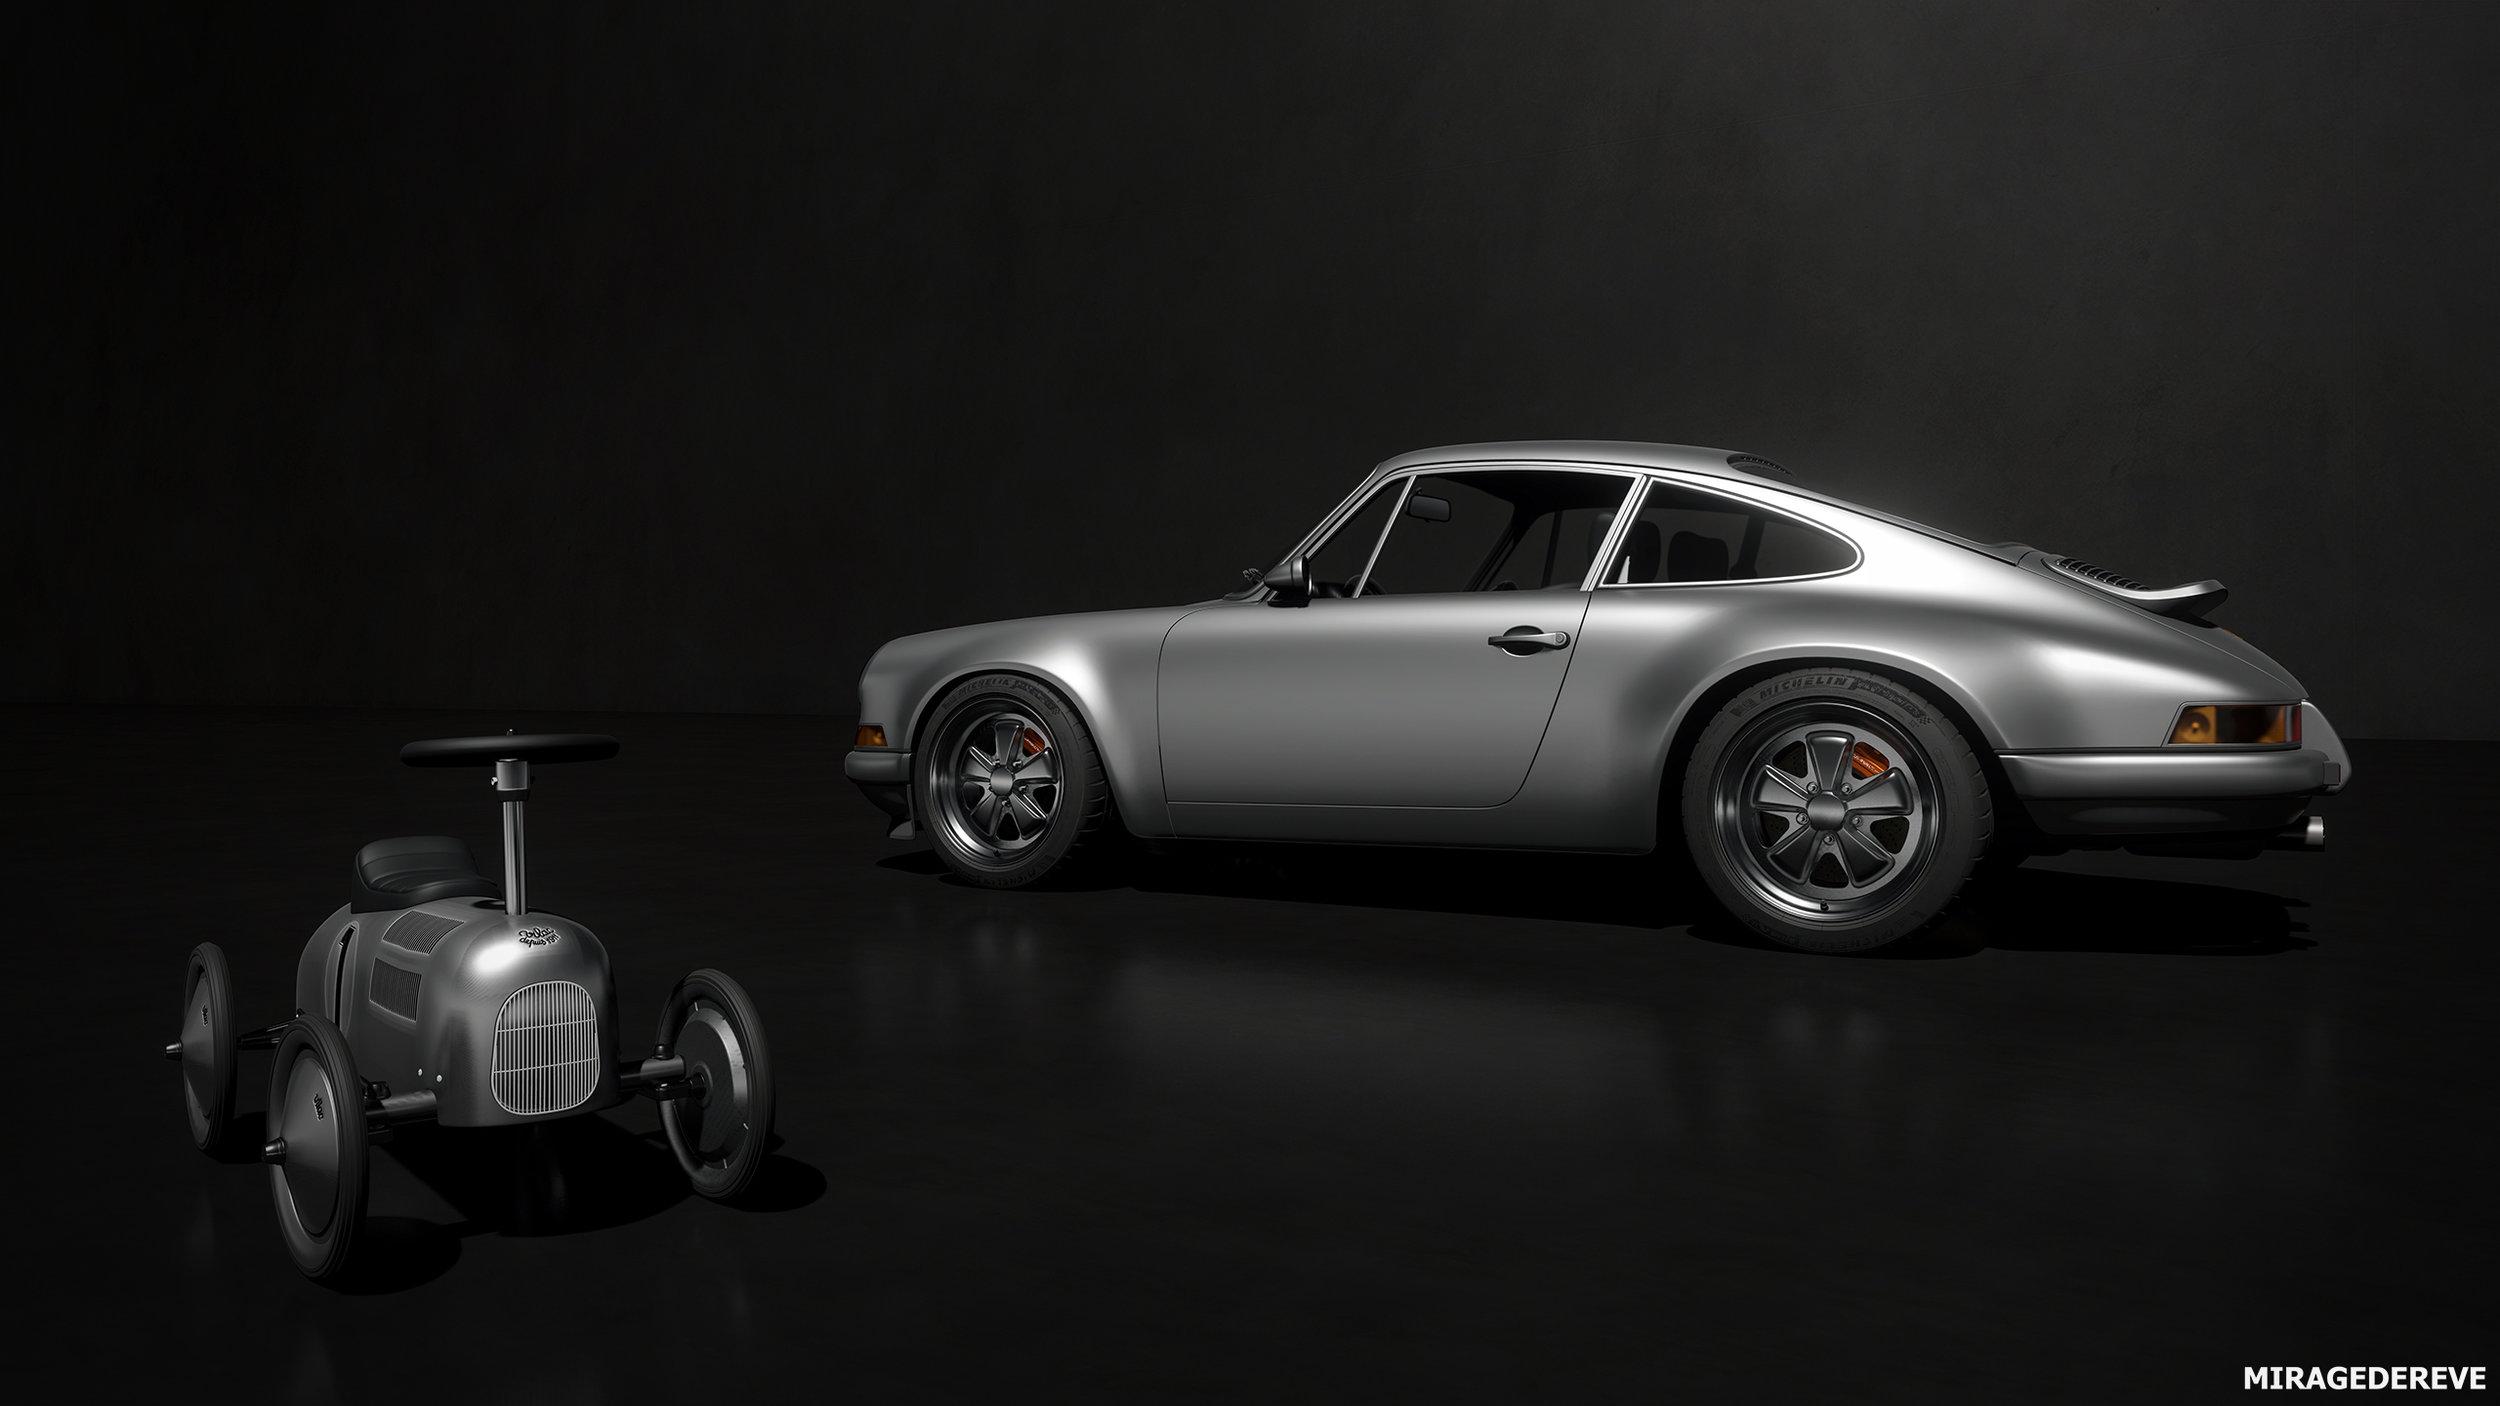 Singer Porsche_003_by Kristijan Tavcar.jpg